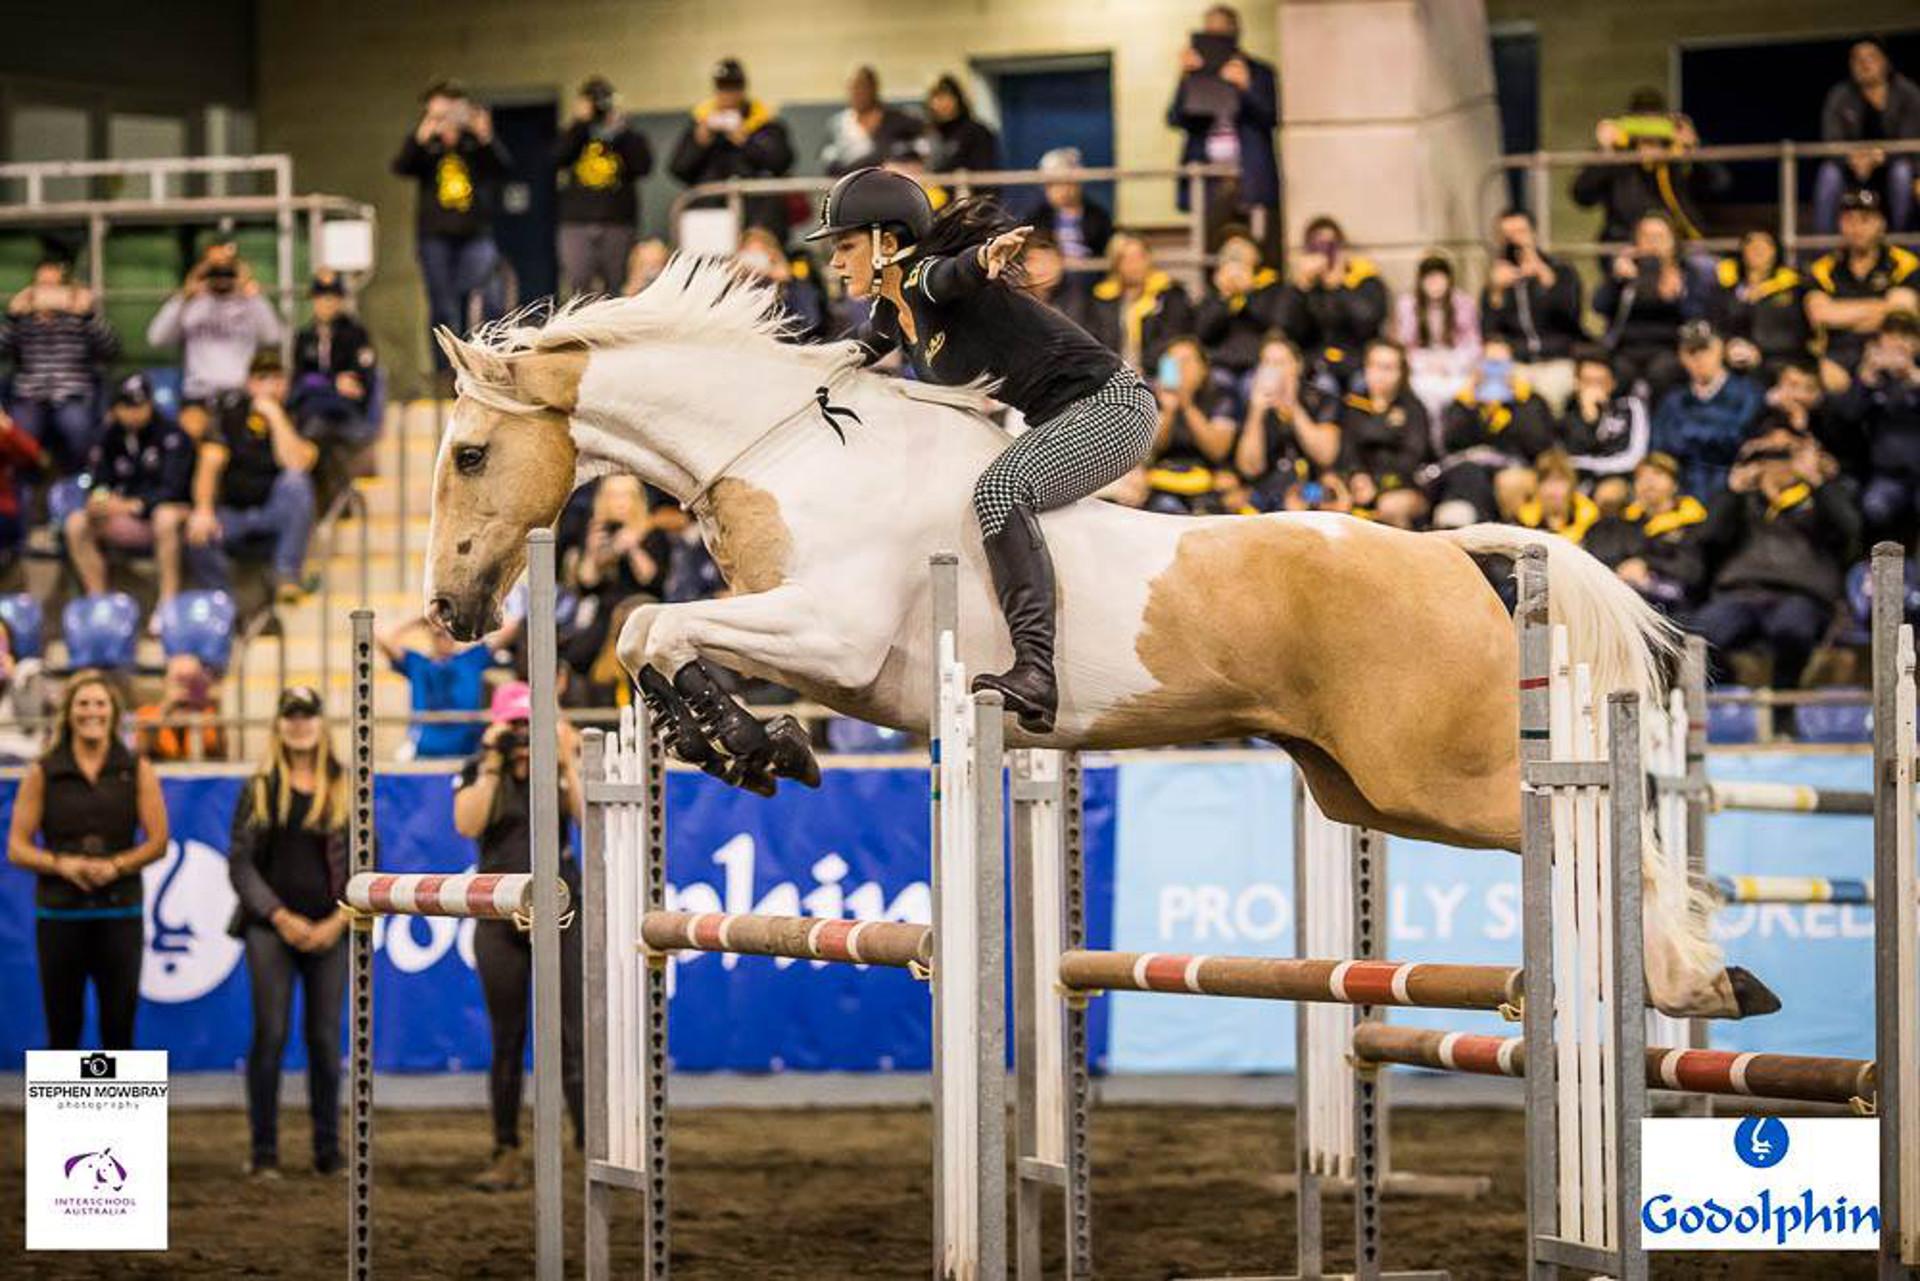 Alycia Burton Free Riding Tour South Carolina Double J Arena Pendleton -  Free Riding NZ